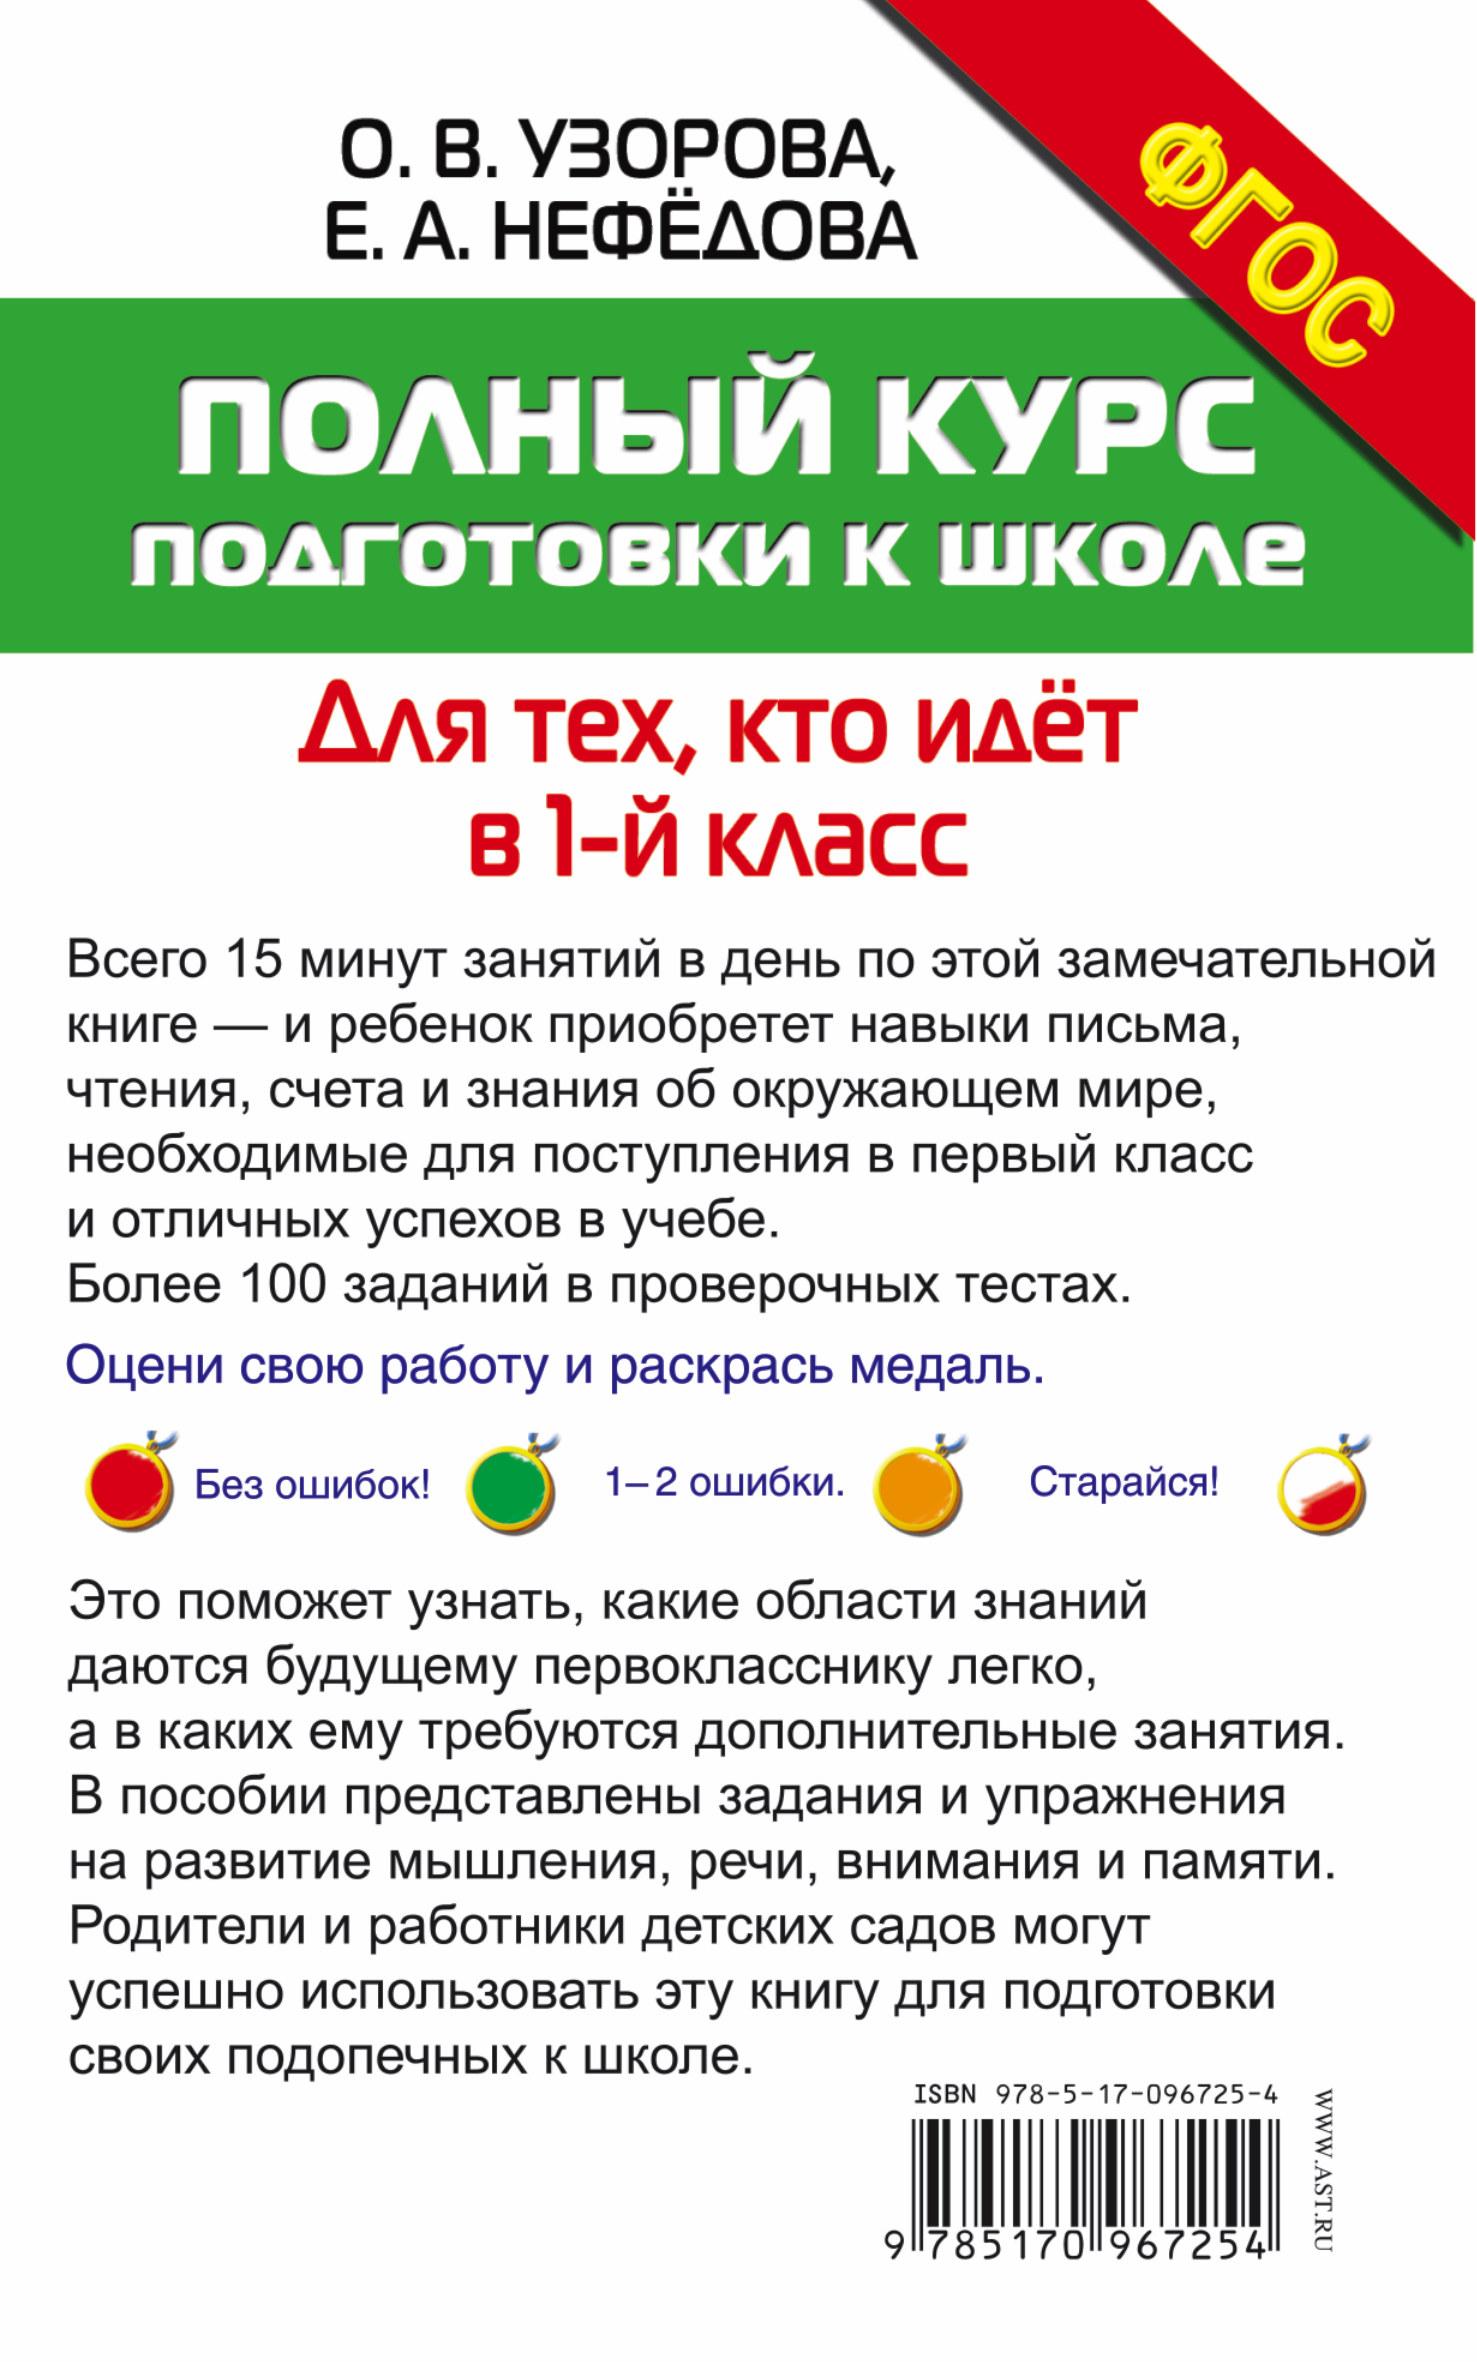 О. В. Узорова, Е. А. Нефёдова. Полный курс подготовки к школе. Для тех, кто идёт в 1-й класс